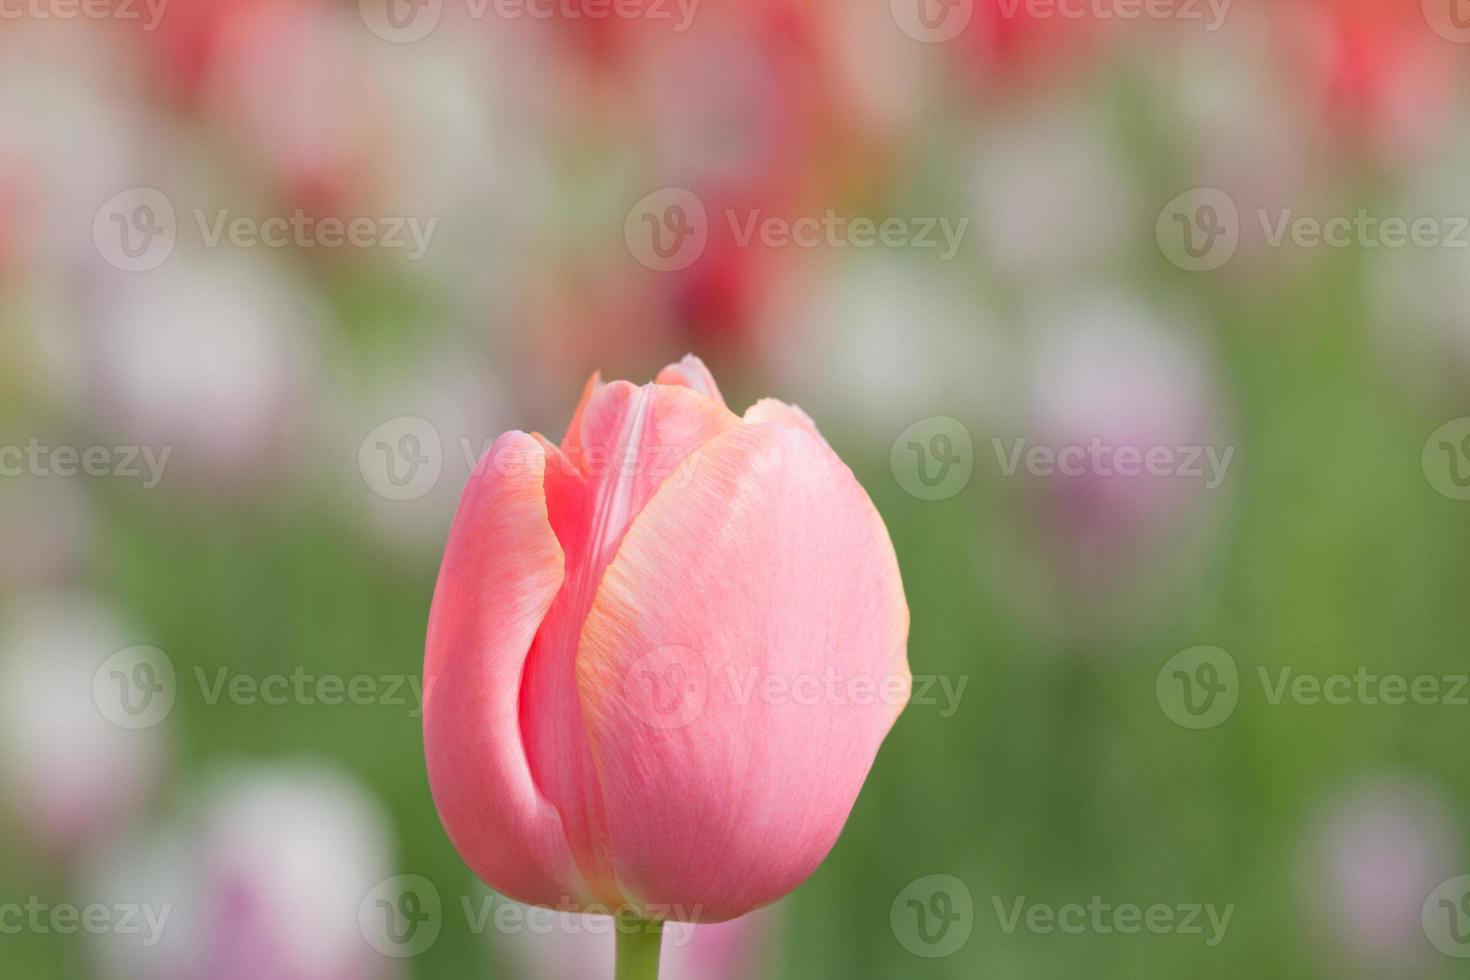 parterre de fleurs de tulipes photo